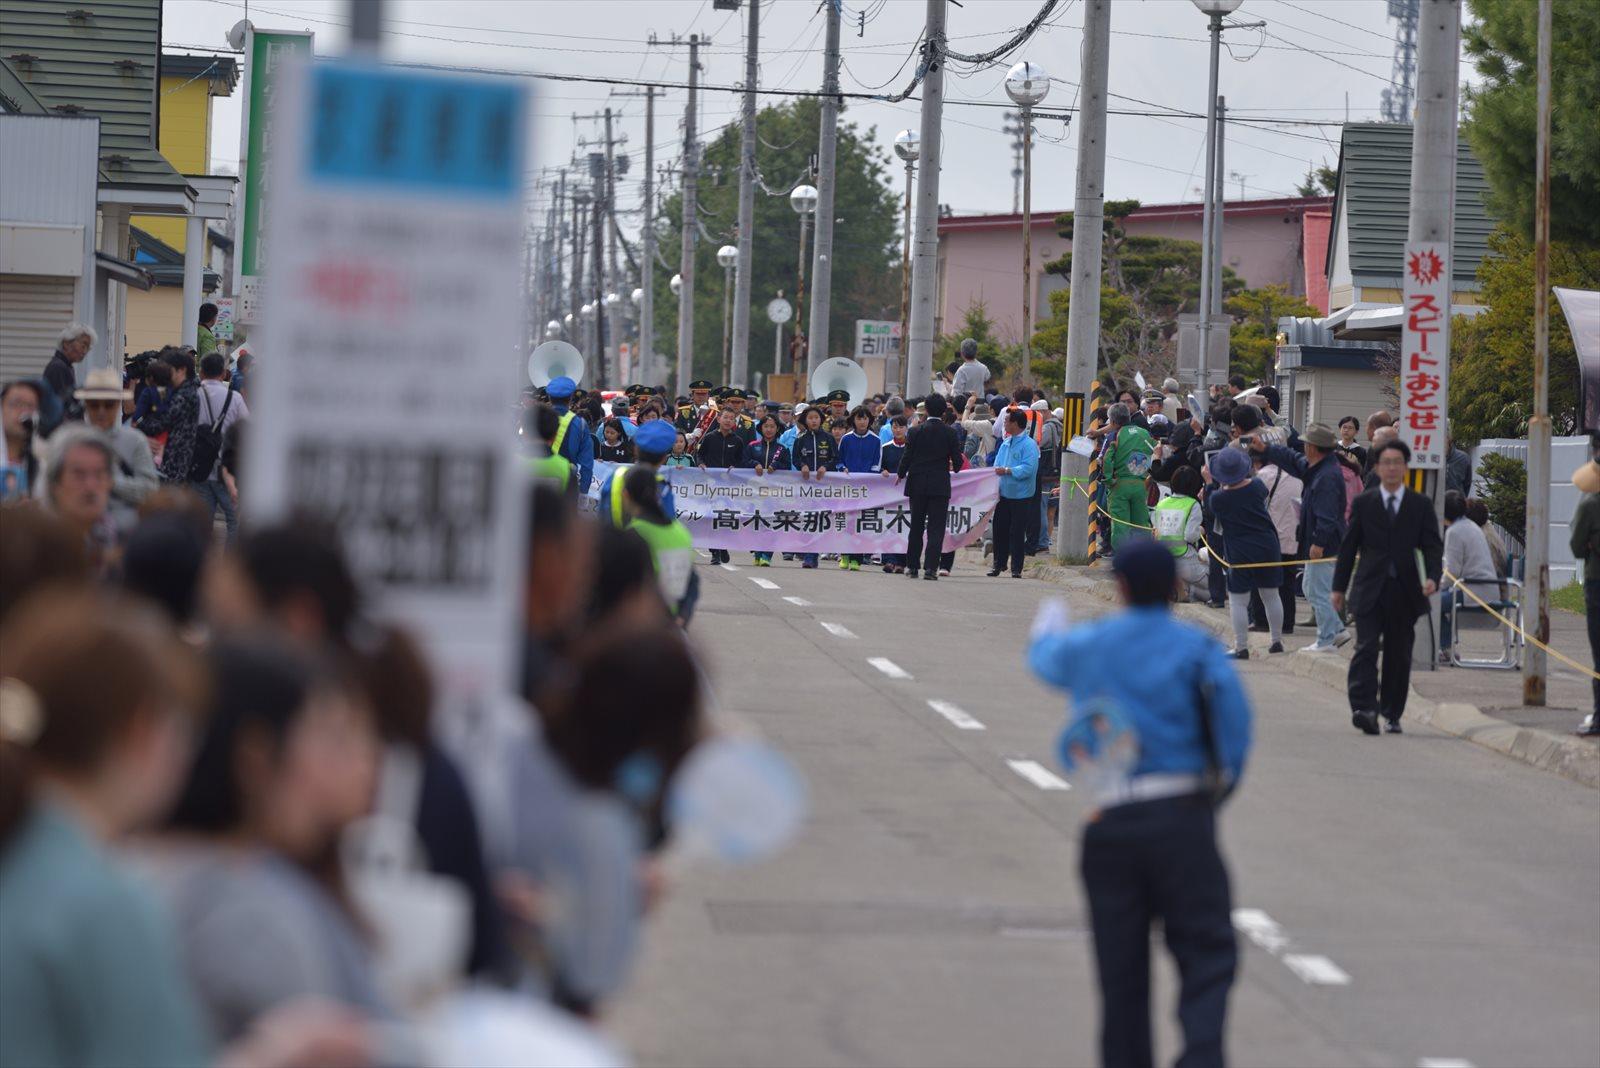 【幕別町】高木姉妹のパレードを見てきました。_a0145819_21452422.jpg